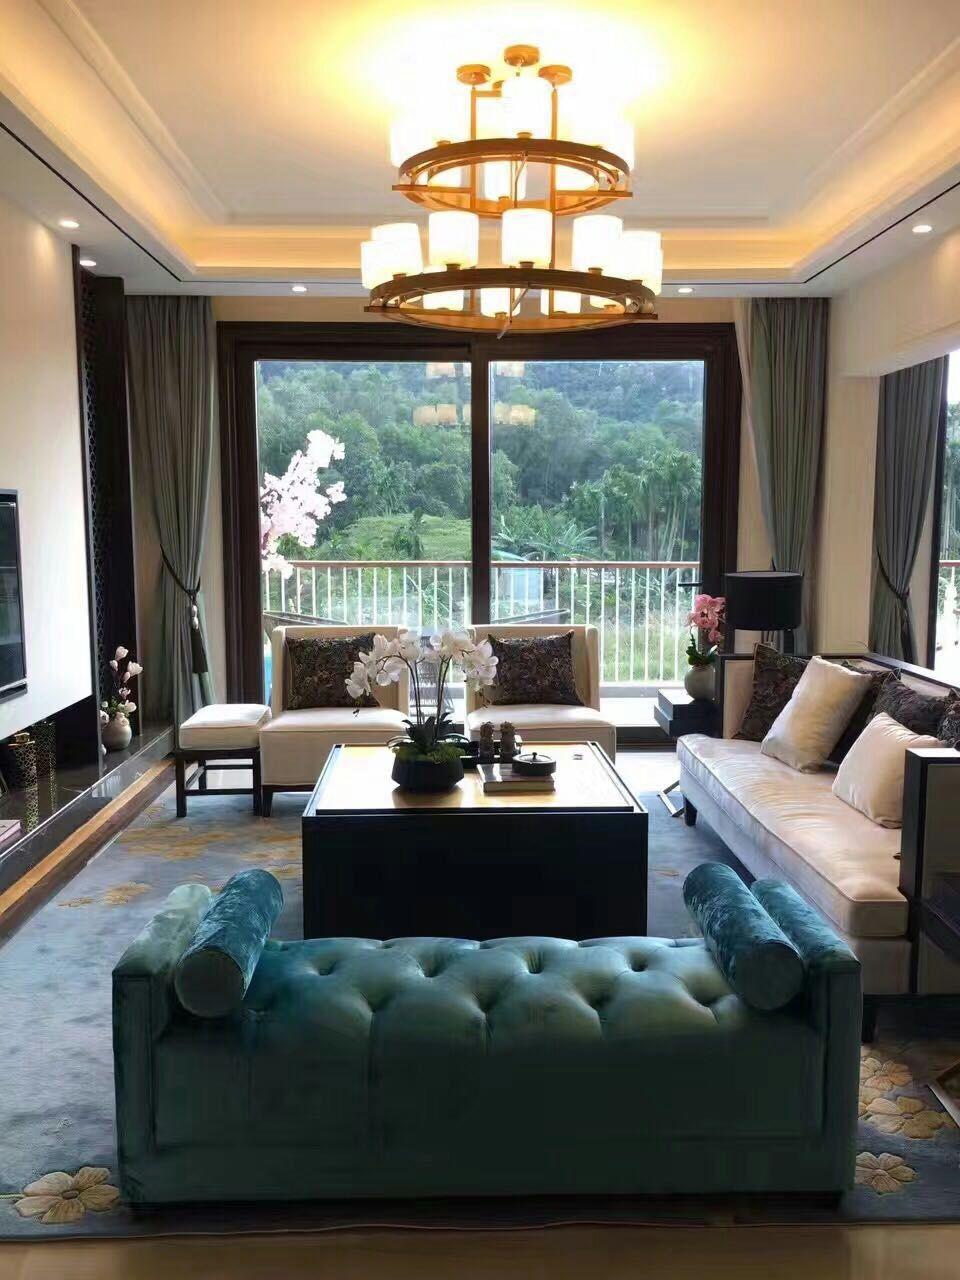 天丽墙纸(DELIGHT)简约现代北欧纯色成品棉麻窗帘布料 卧室客厅定制全遮光办公室